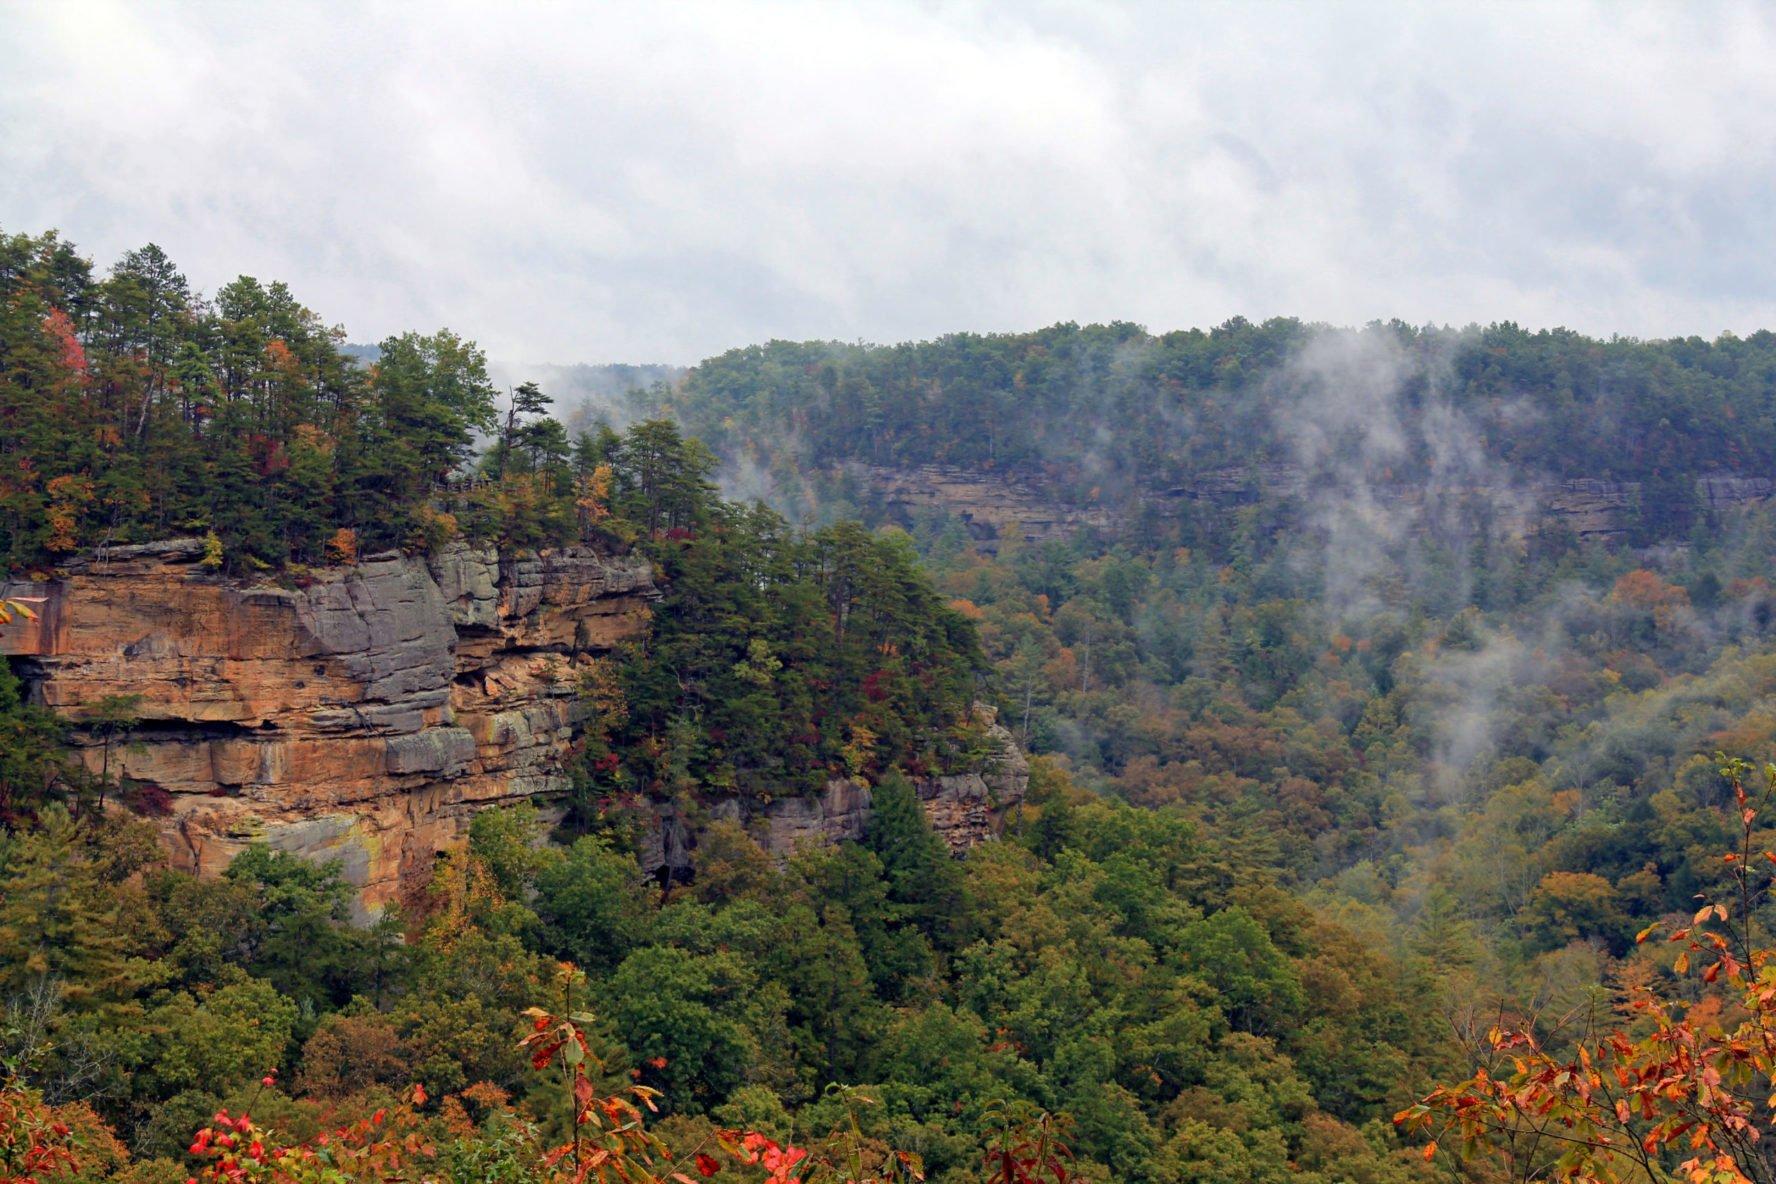 Swift Creek Camp Overlook